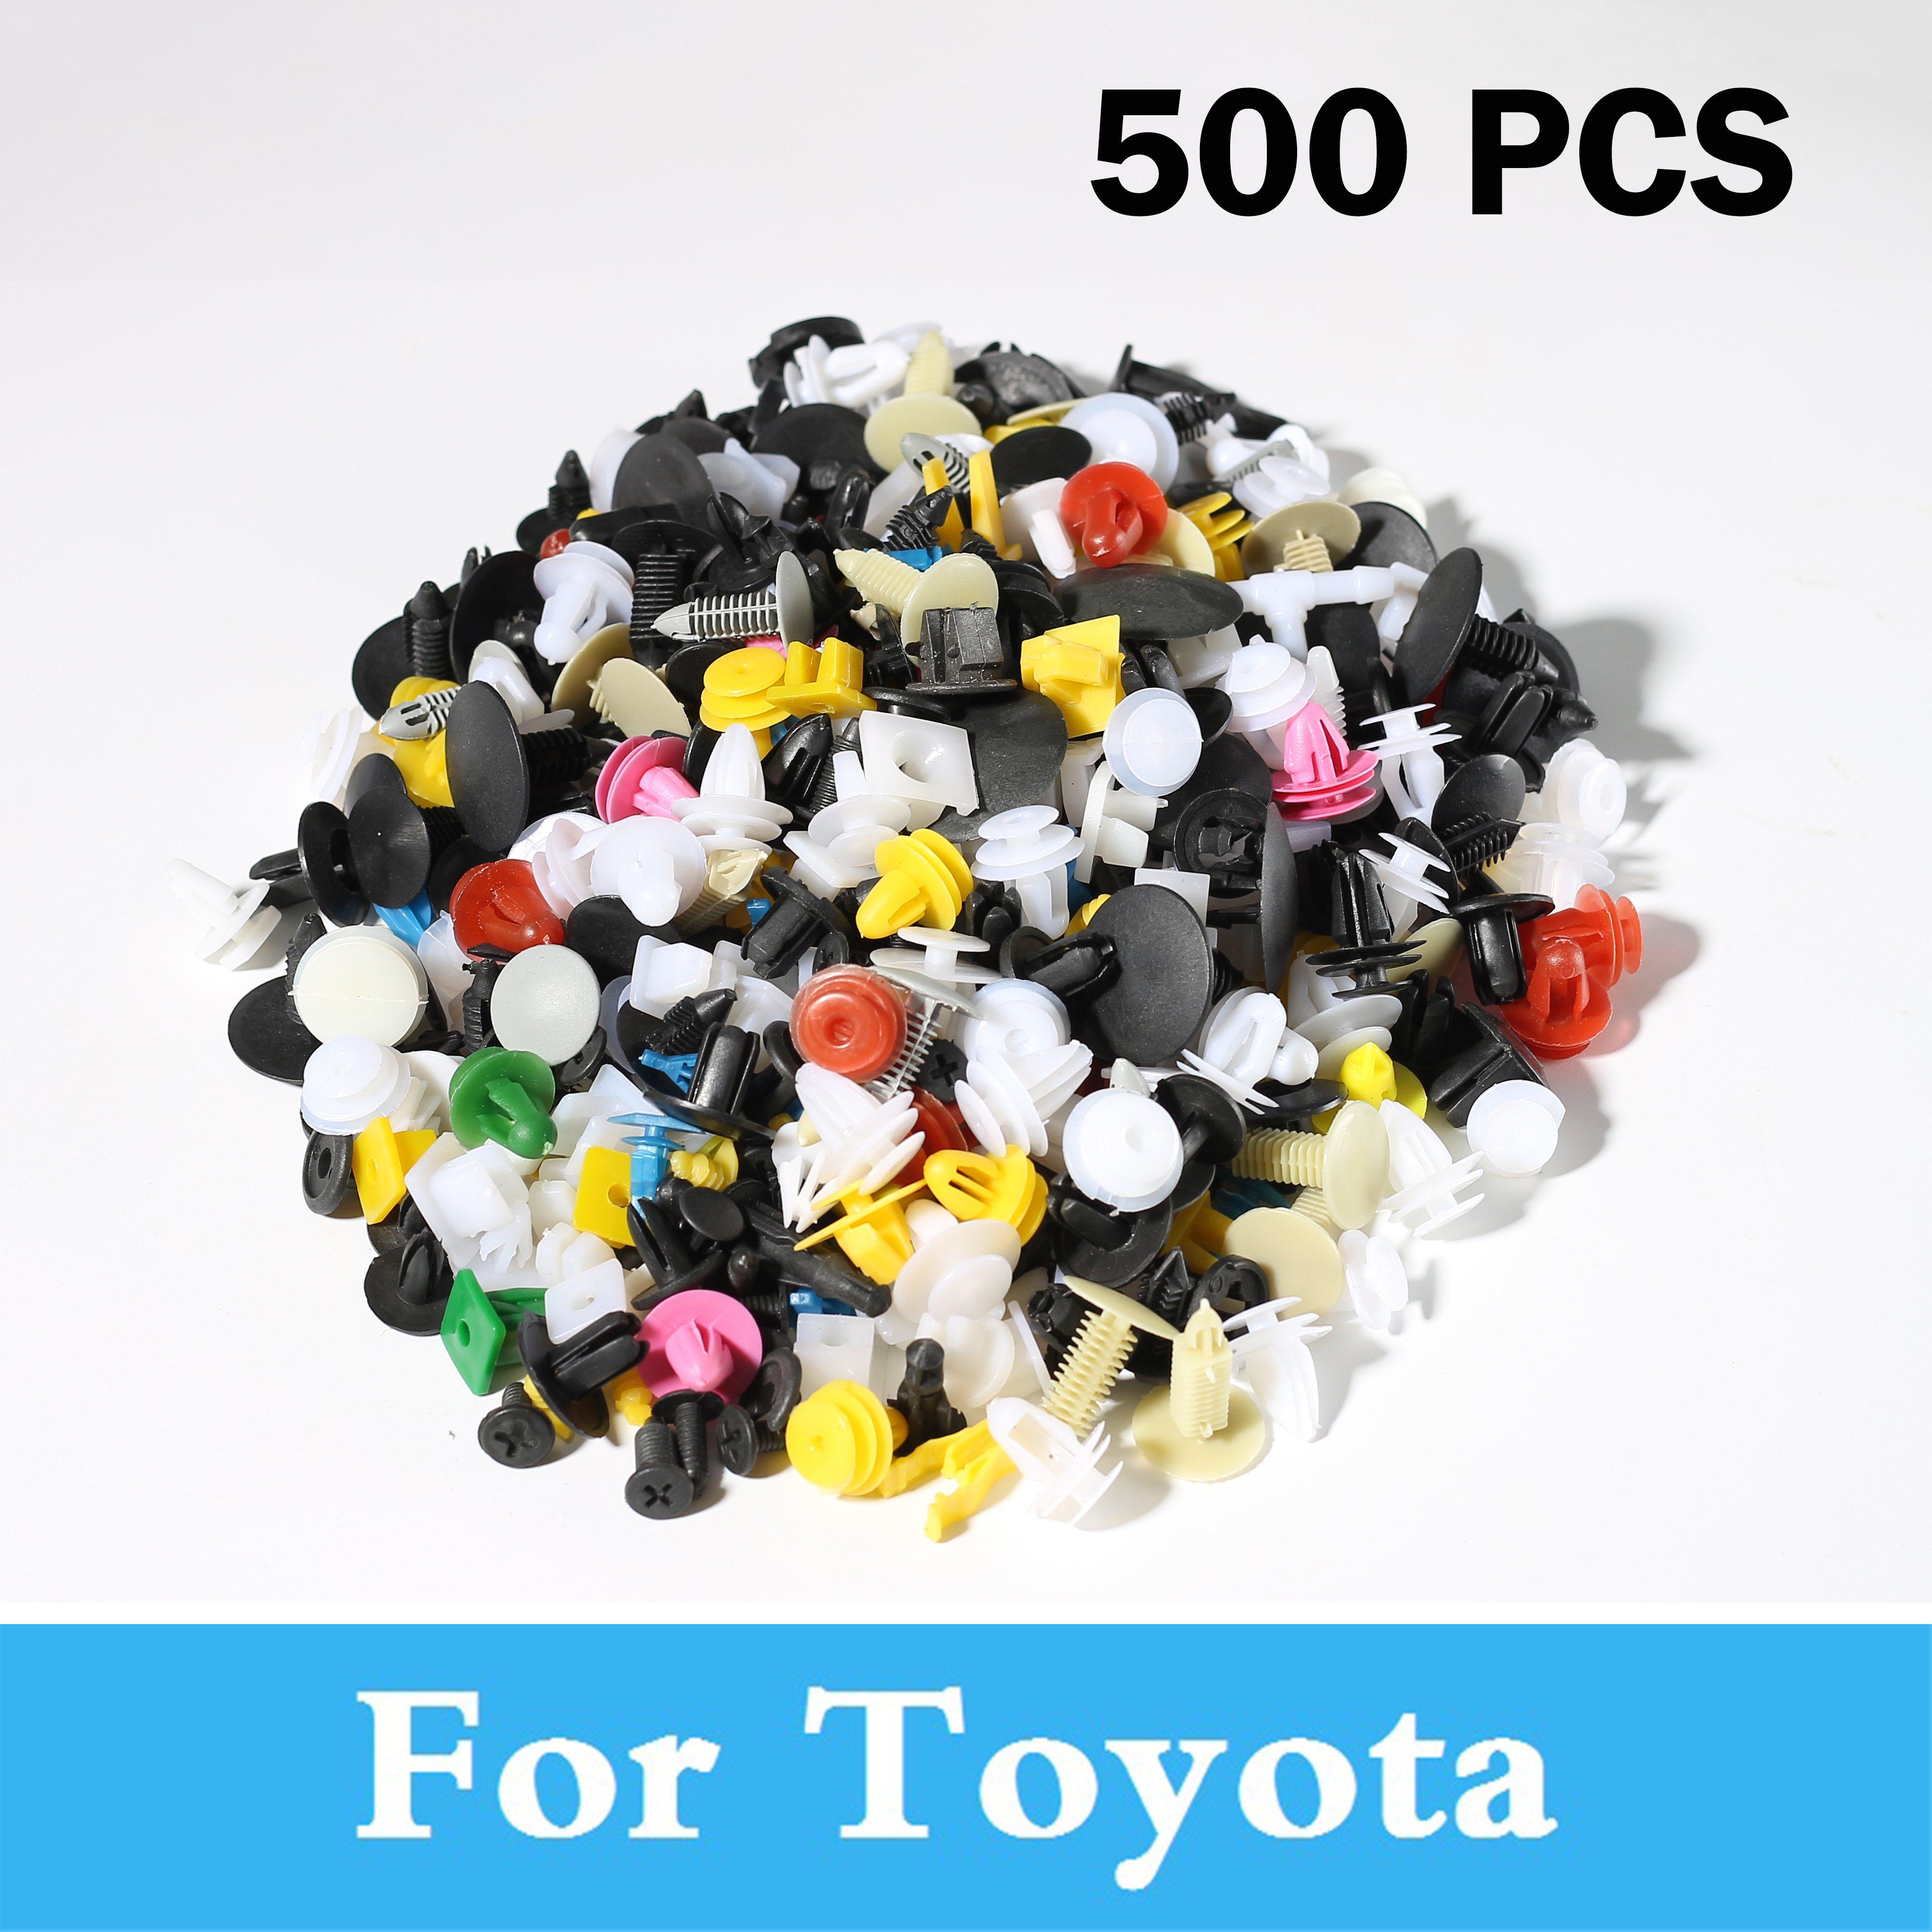 Новинка, 500 шт., автомобильные пластиковые заклепки, крепеж, бампер, зажимы для Toyota Century Corolla Fielder Solara Celica Celsior Corolla Camry